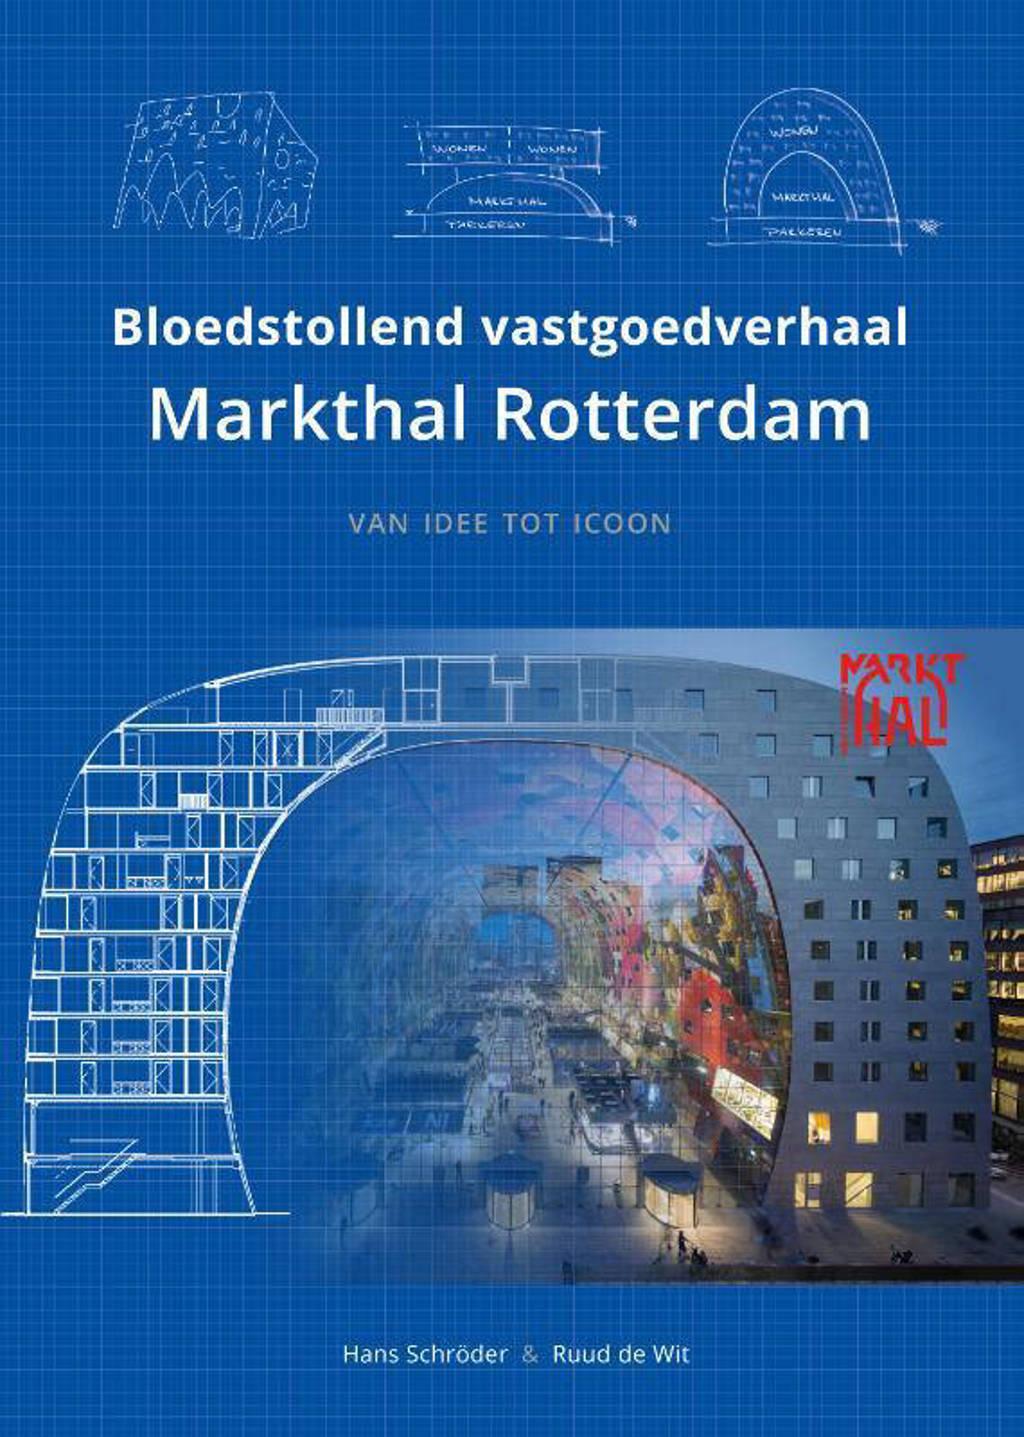 Bloedstollend vastgoedverhaal Markthal Rotterdam - Hans Schröder en Ruud de Wit